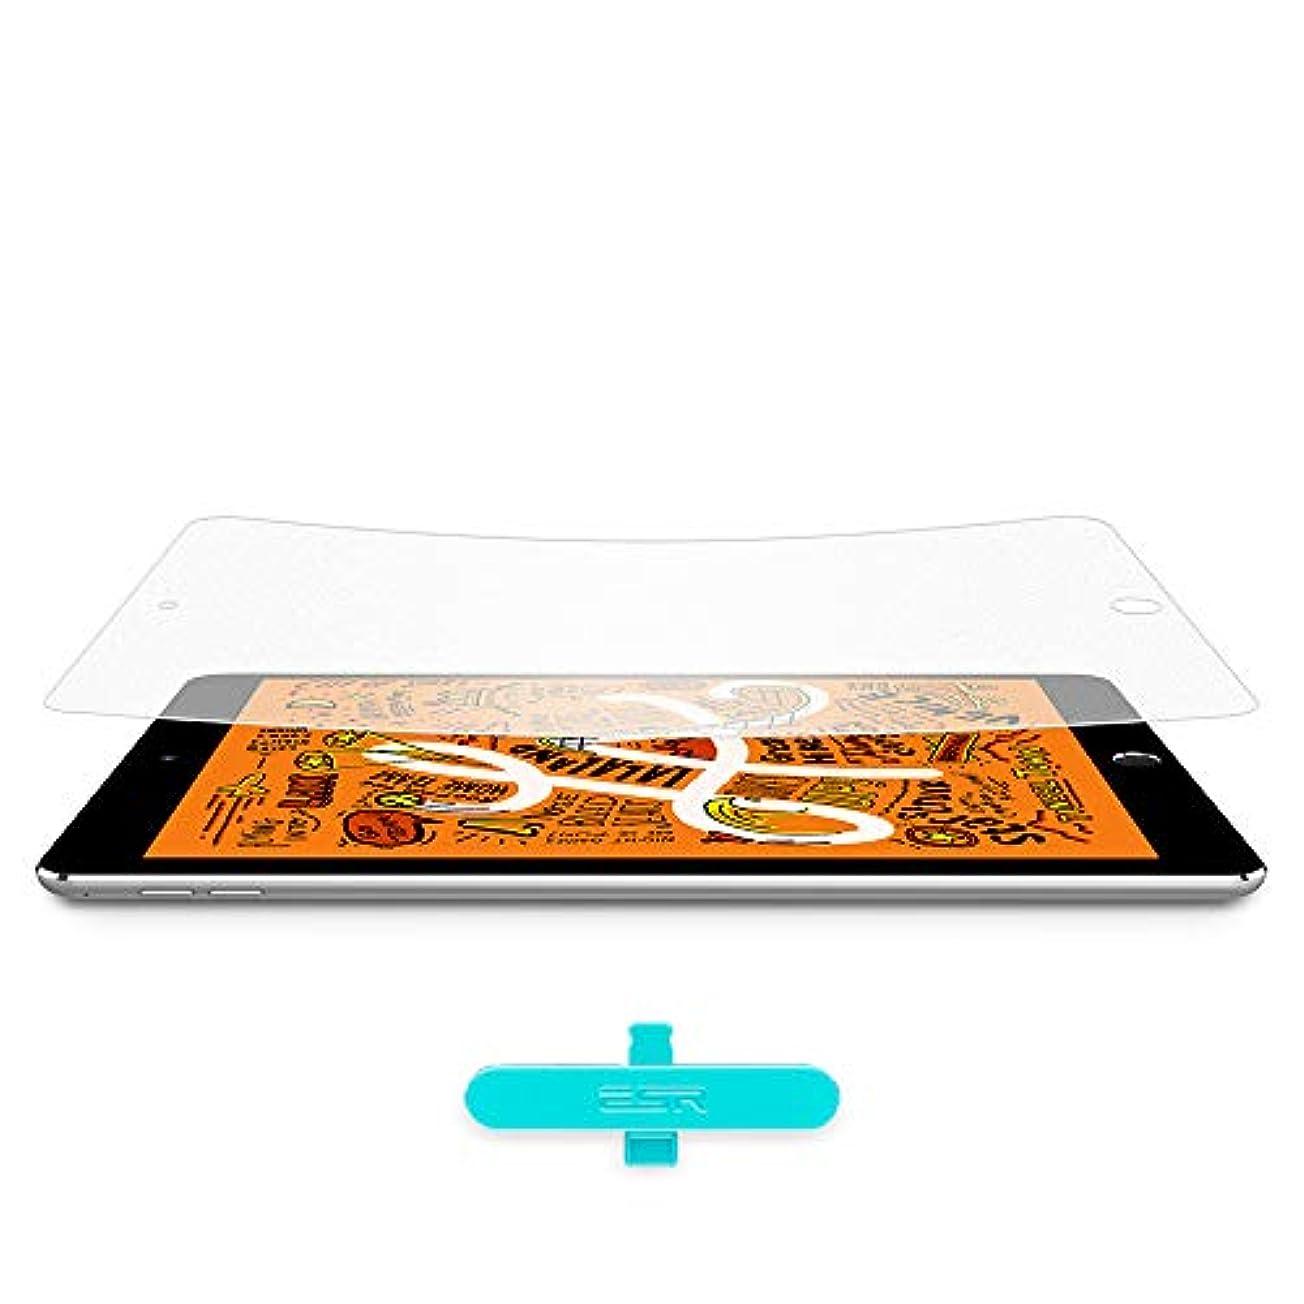 蒸発かご炎上ESR 保護 フィルム 2枚入り iPad Mini 2019 Mini5 Mini4 フィルム PET素材 ペーパーライク 紙のような描き心地 アンチグレア 反射低減 非光沢 指紋防止 Face ID対応 オリジナルなタッチ感 貼り付けキッドと補助カード付き iPad Mini5/Mini4通用